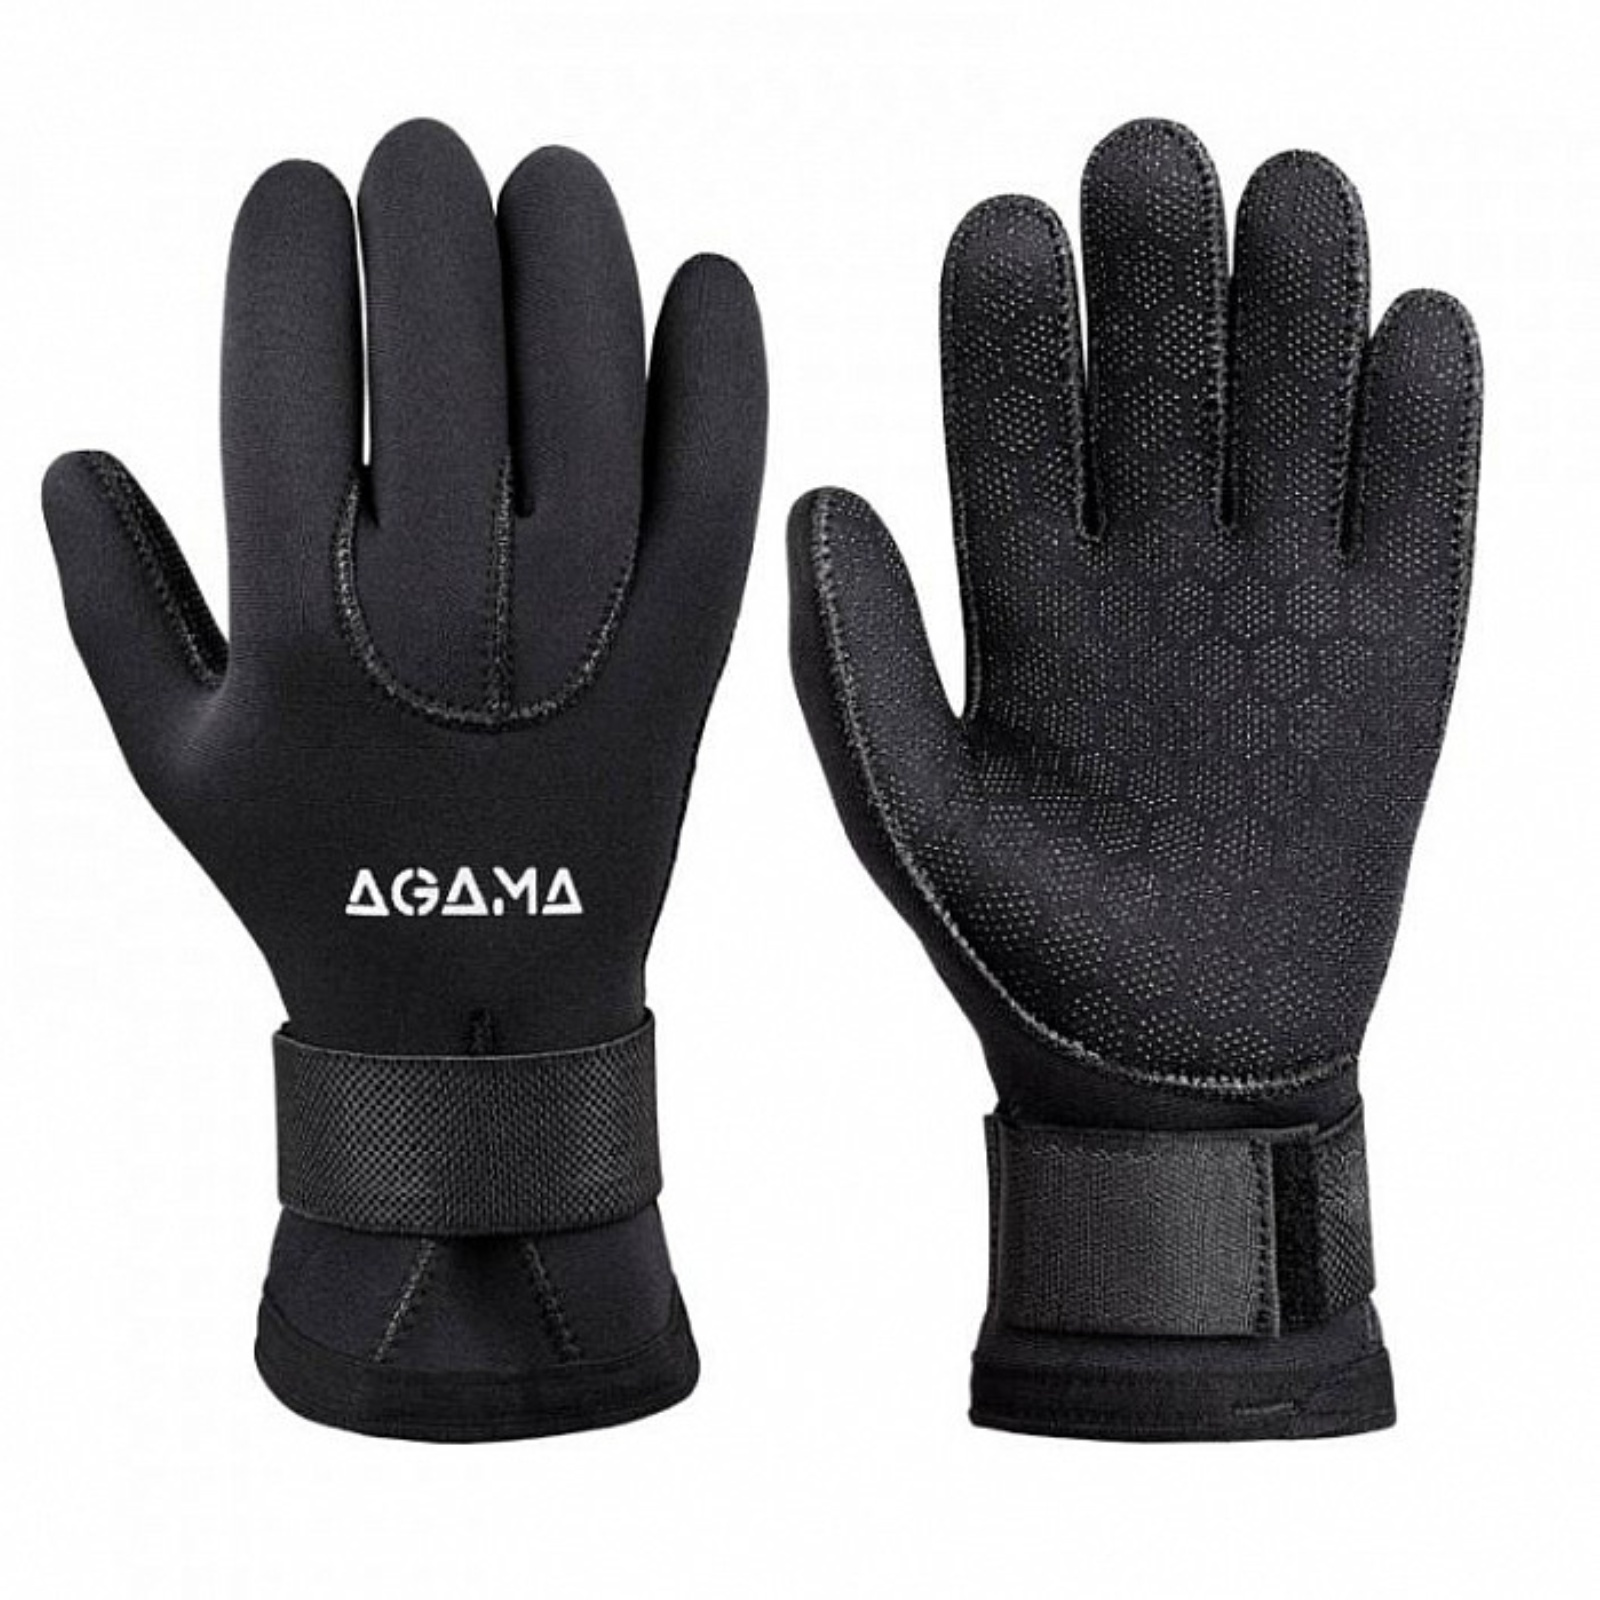 Neoprenové rukavice AGAMA Classic 5 mm - vel. S